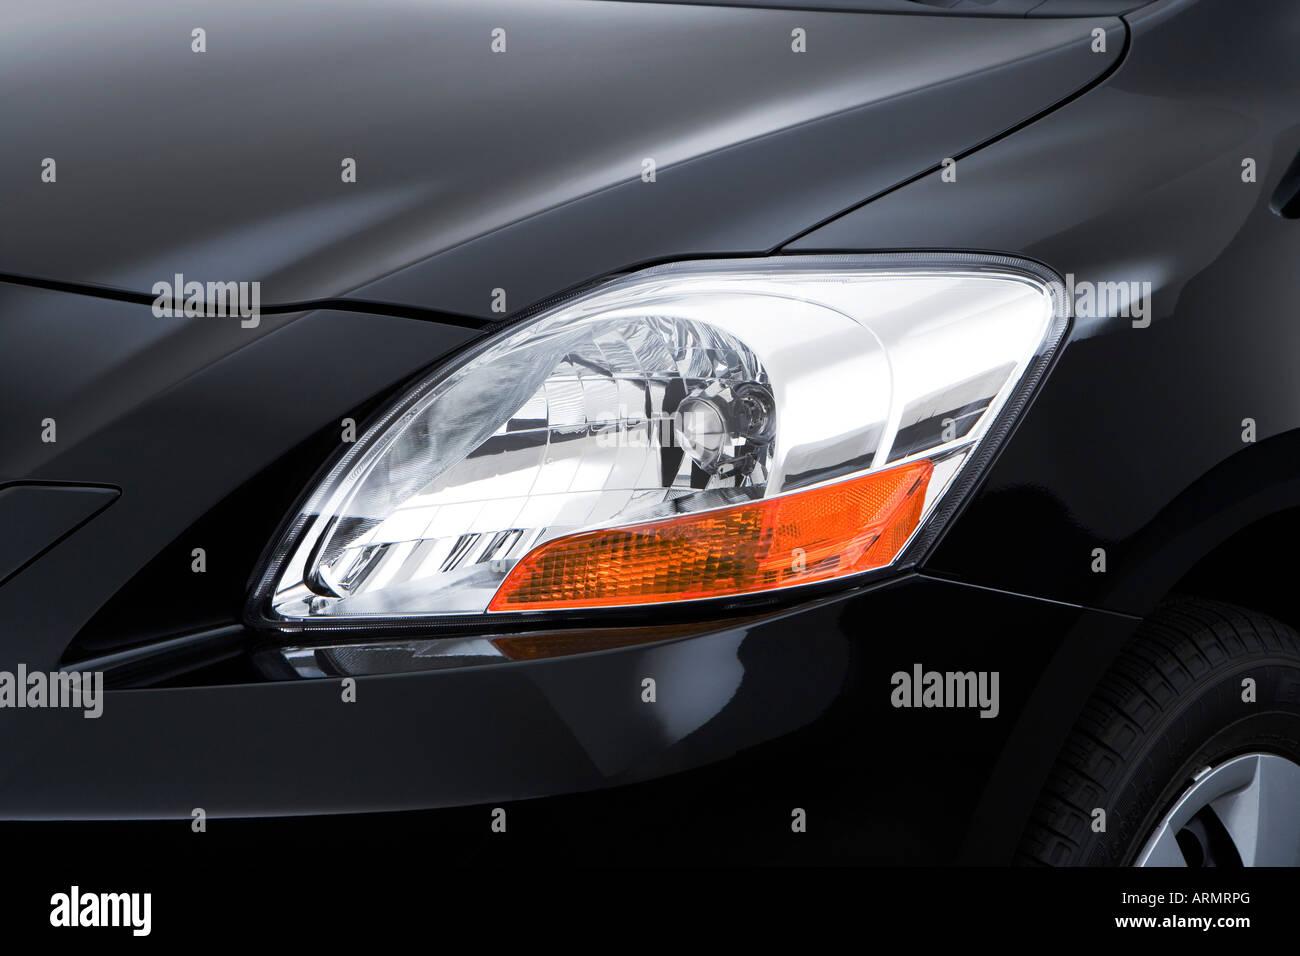 Kelebihan Kekurangan Toyota Yaris 2008 Tangguh